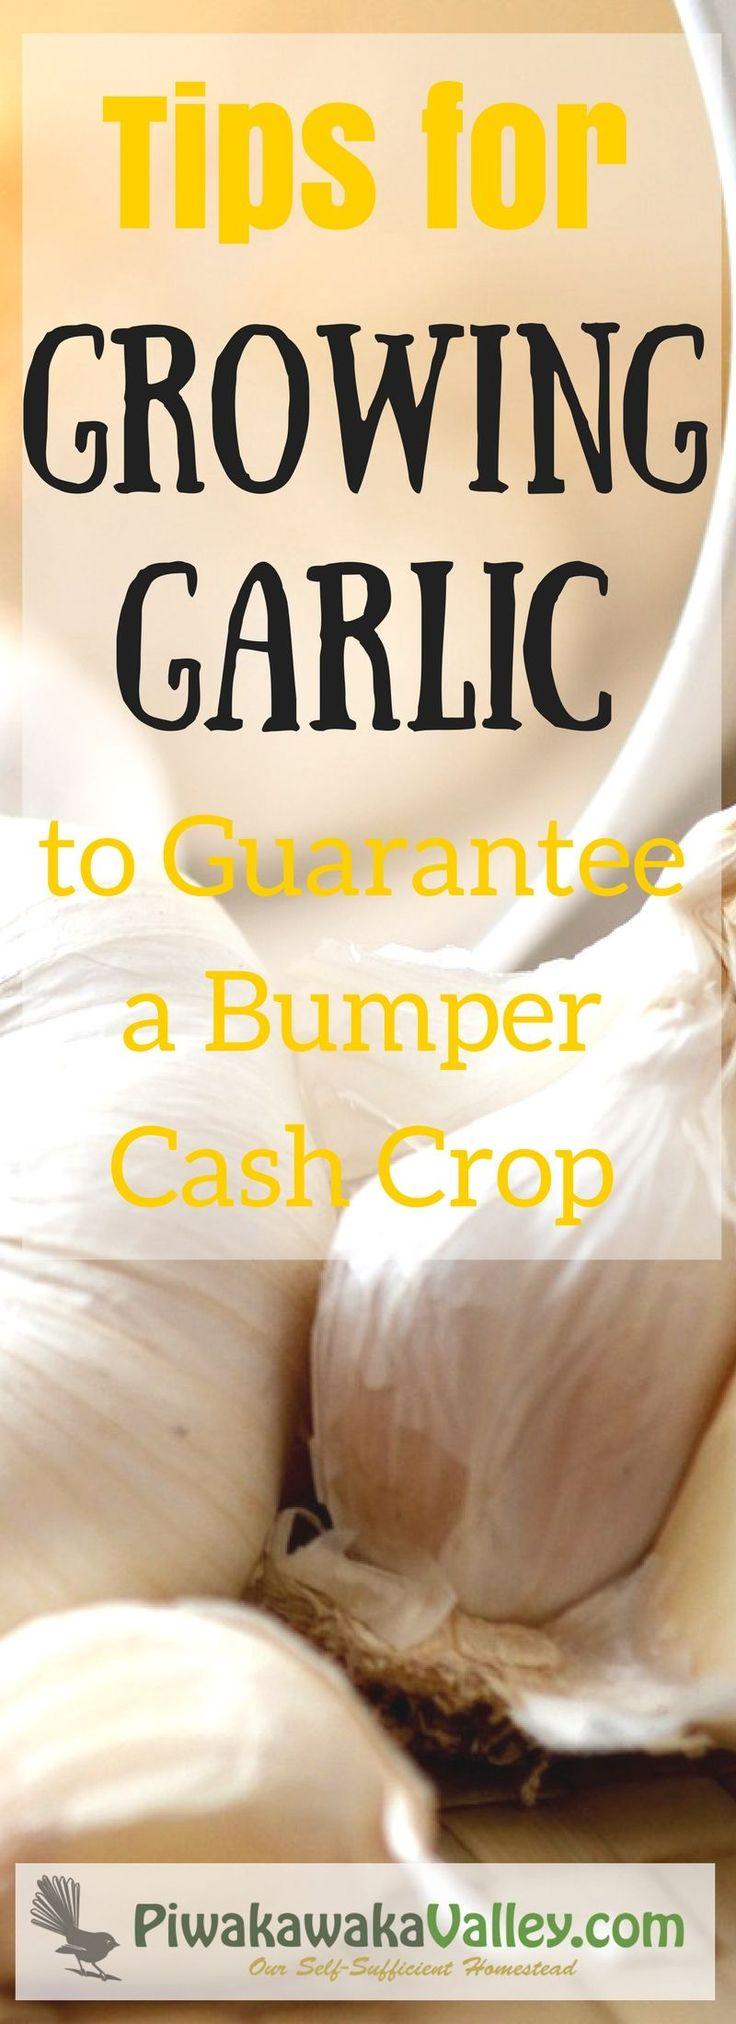 Tips for Growing Garlic to Guarantee a Bumper Cash Crop